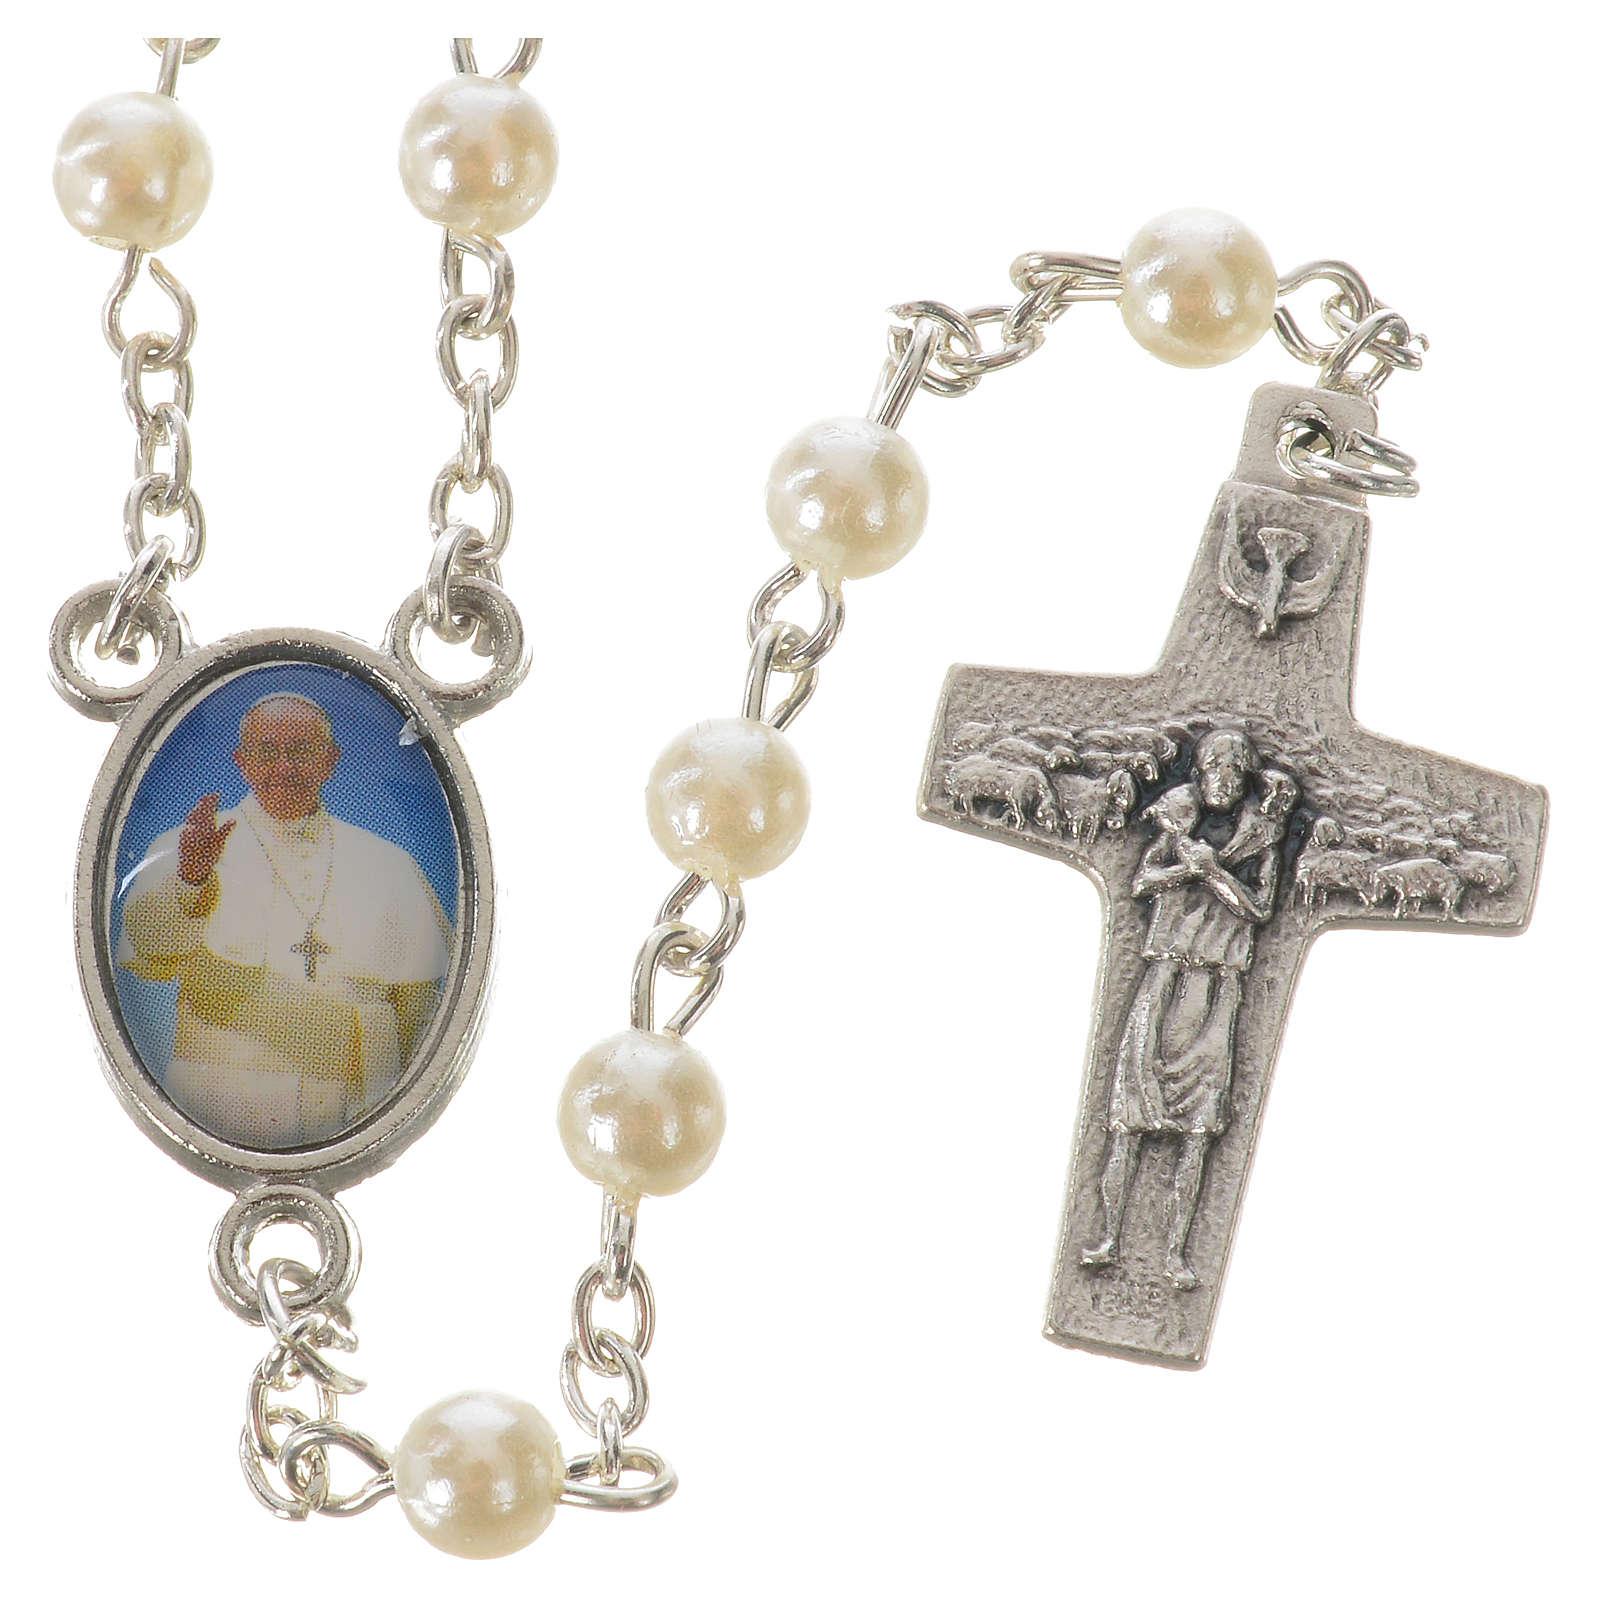 Chapelet Pape François imitation nacre 5 mm 4